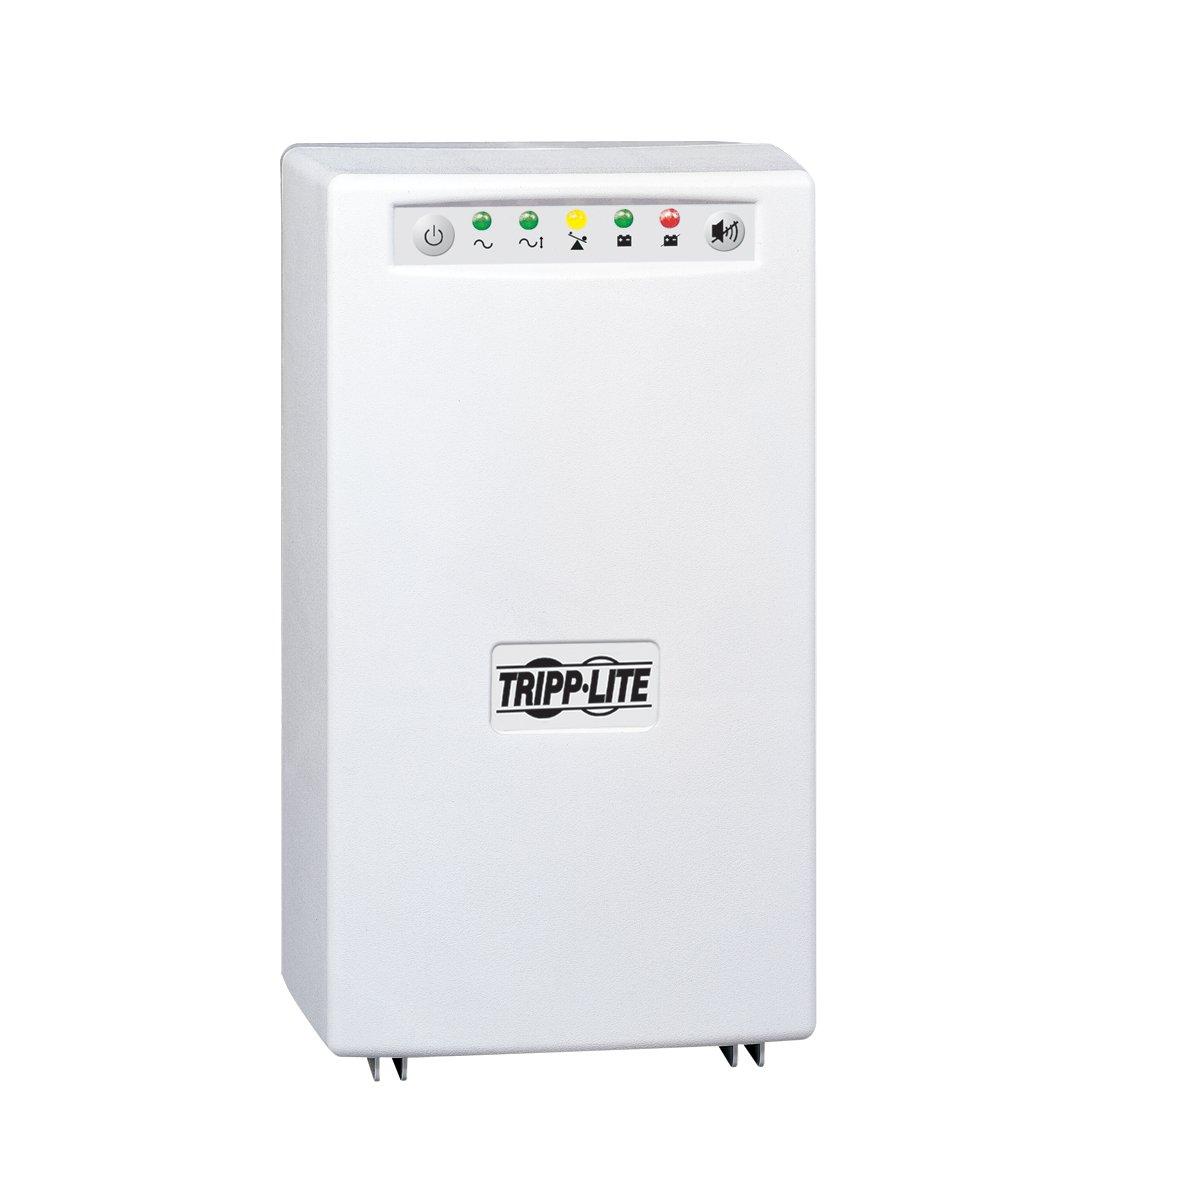 Tripp Lite SMART700HG 700VA 450W UPS Smart Tower AVR Hospital Medical 120V USB DB9, 4 Outlets